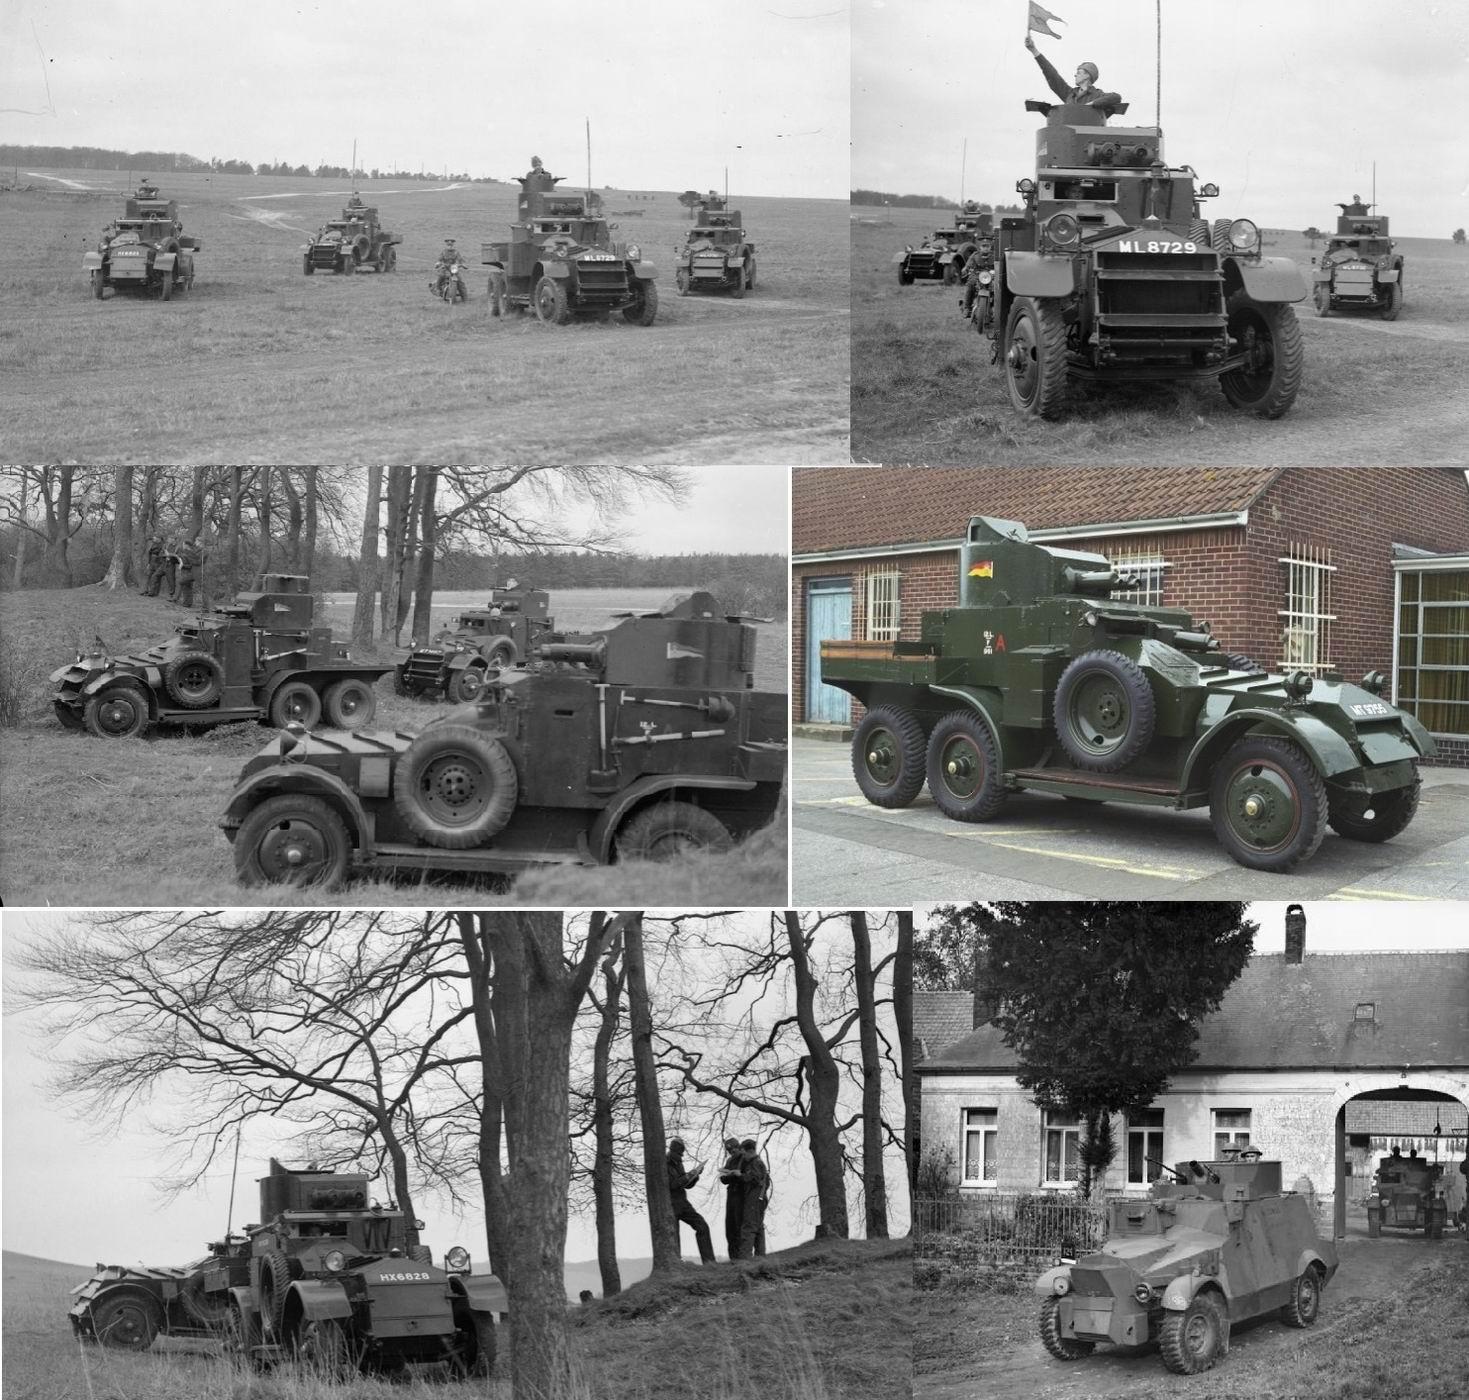 Фотографии с предвоенных учений, музей и внизу справа - уланы на Моррисах во Франции, сентябрь 1939г.